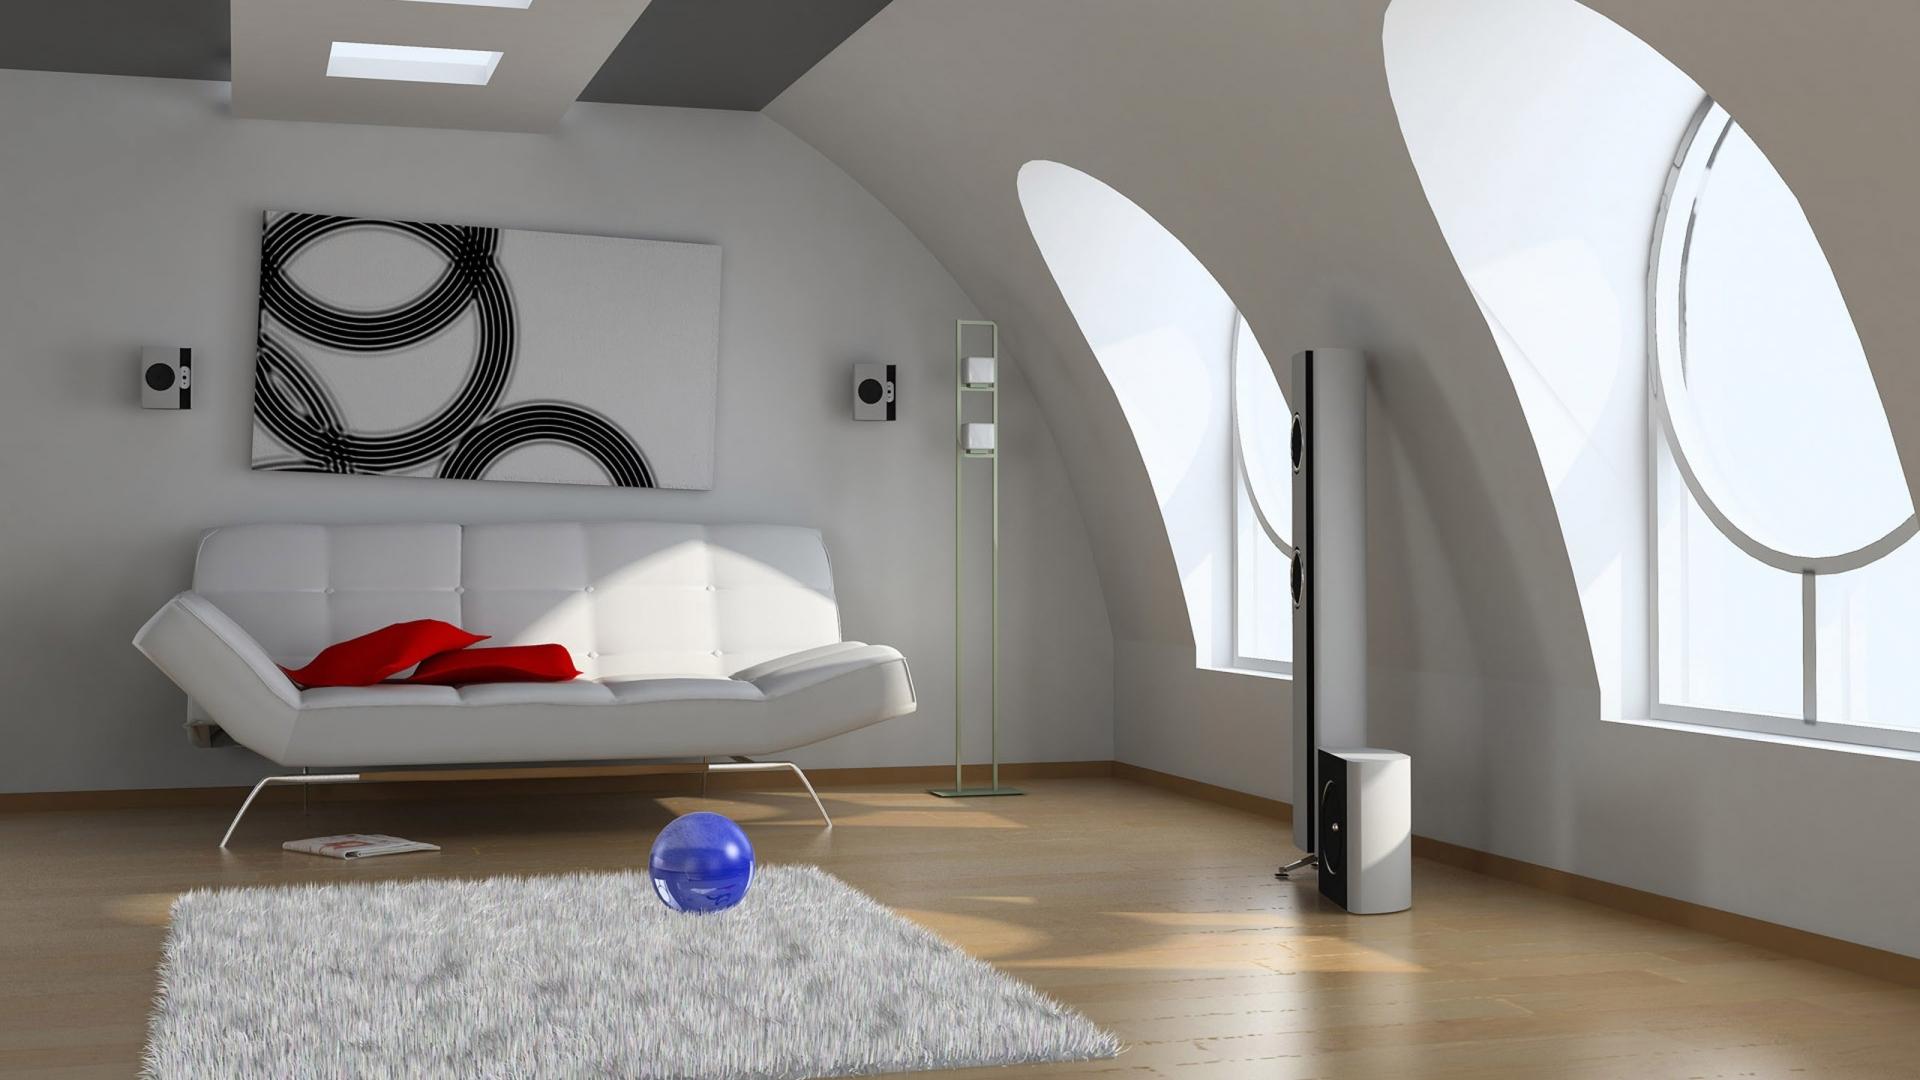 Dise o 3d de una sala hd 1920x1080 imagenes wallpapers - Diseno de interiores gratis ...